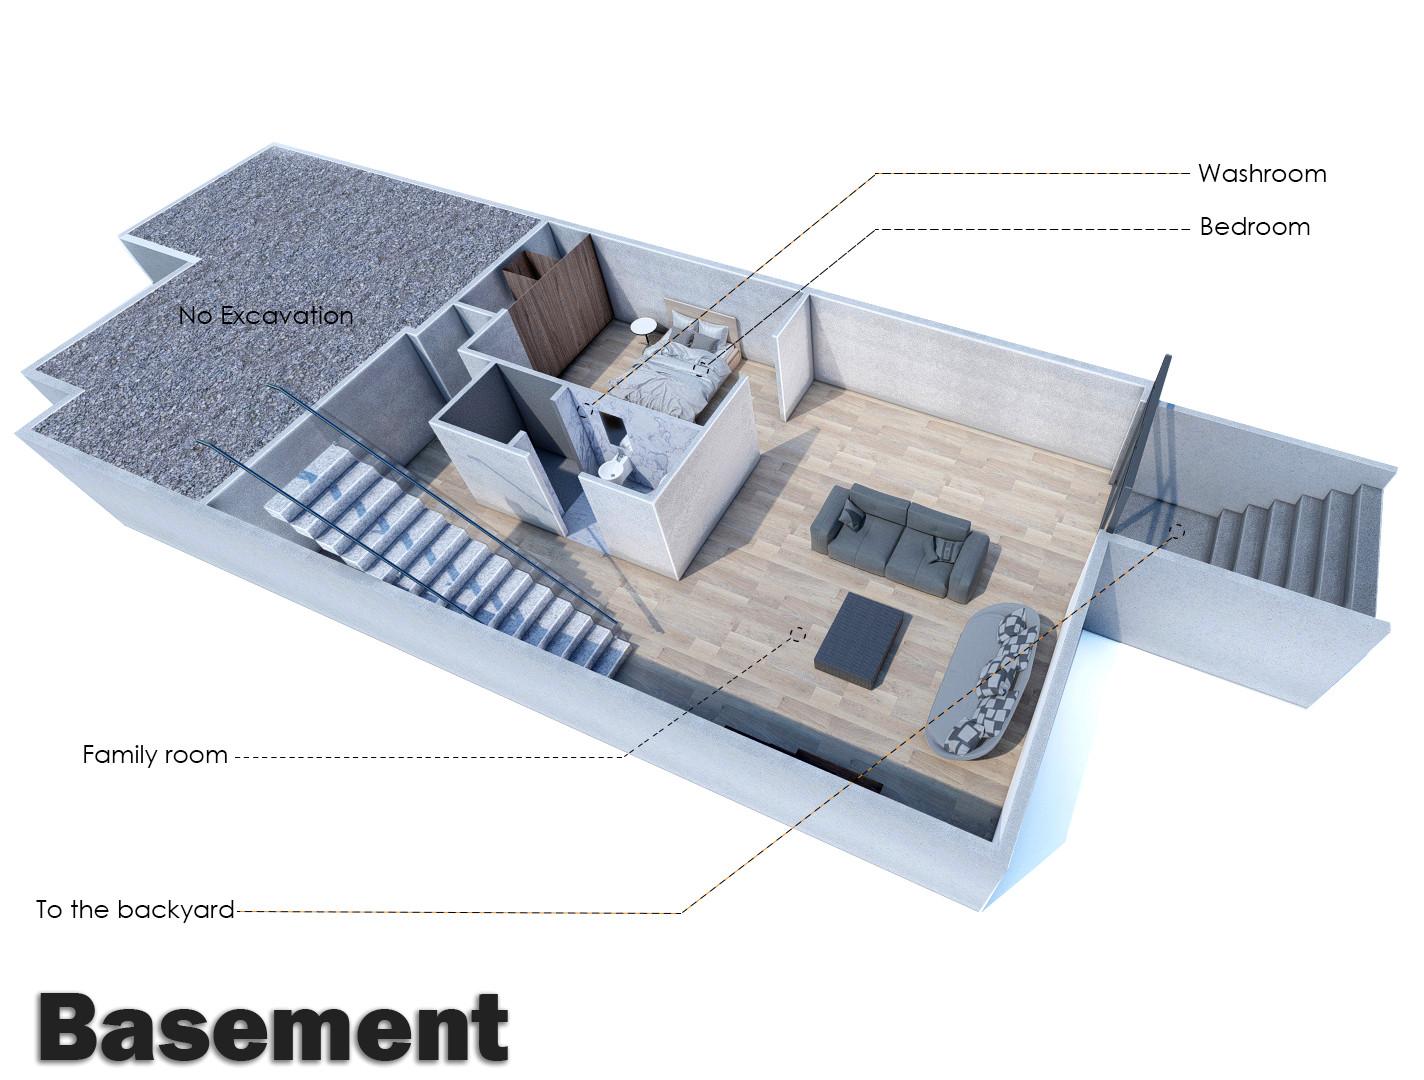 3d-floor-plan-home-3.jpg